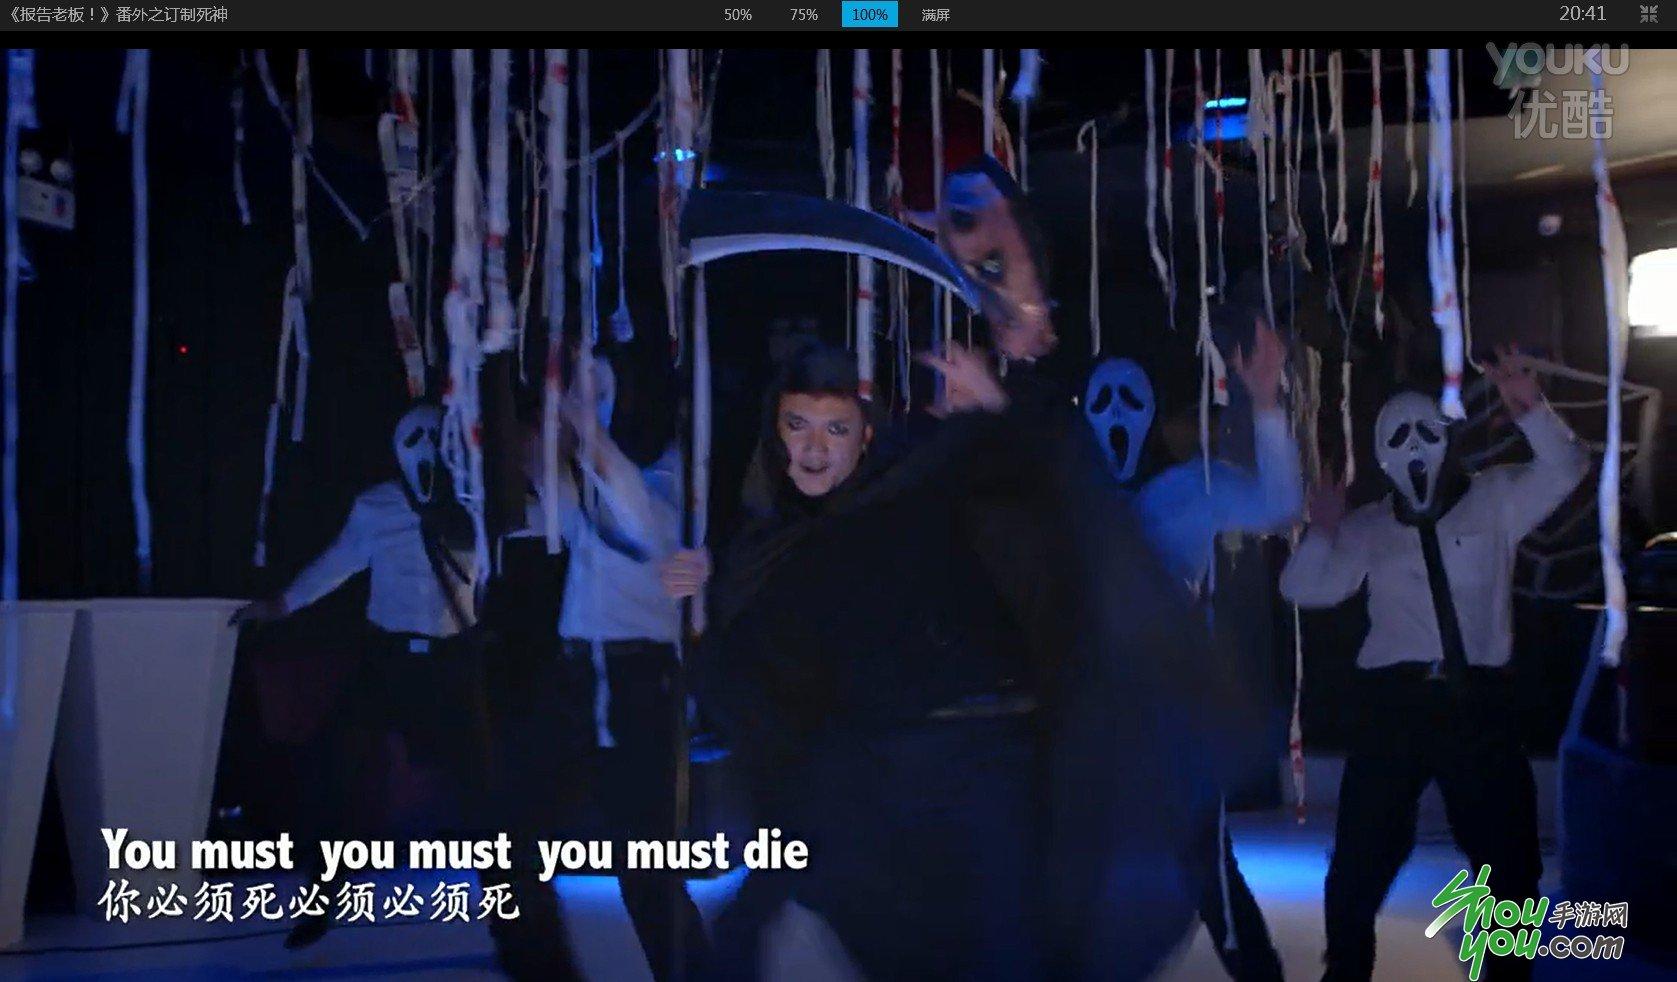 订制 番外篇 《报告老板》 《忍者必须死2》/You must die